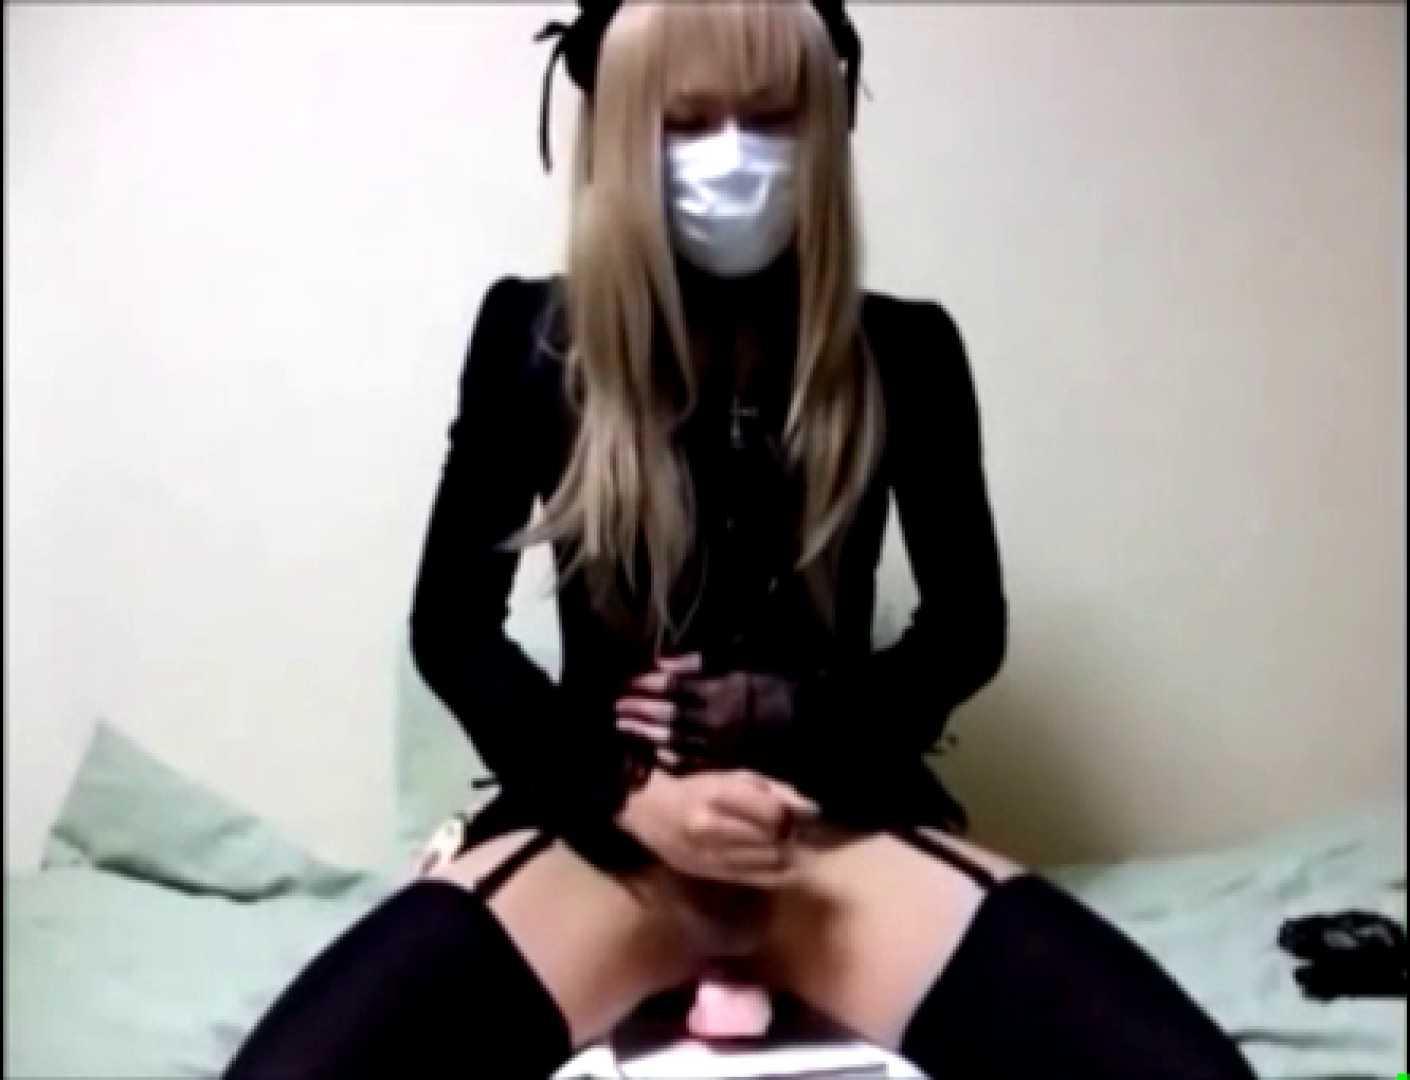 男のKOスプレー!Vol.12 覗き見 | イケメンパラダイス 男同士動画 105pic 91